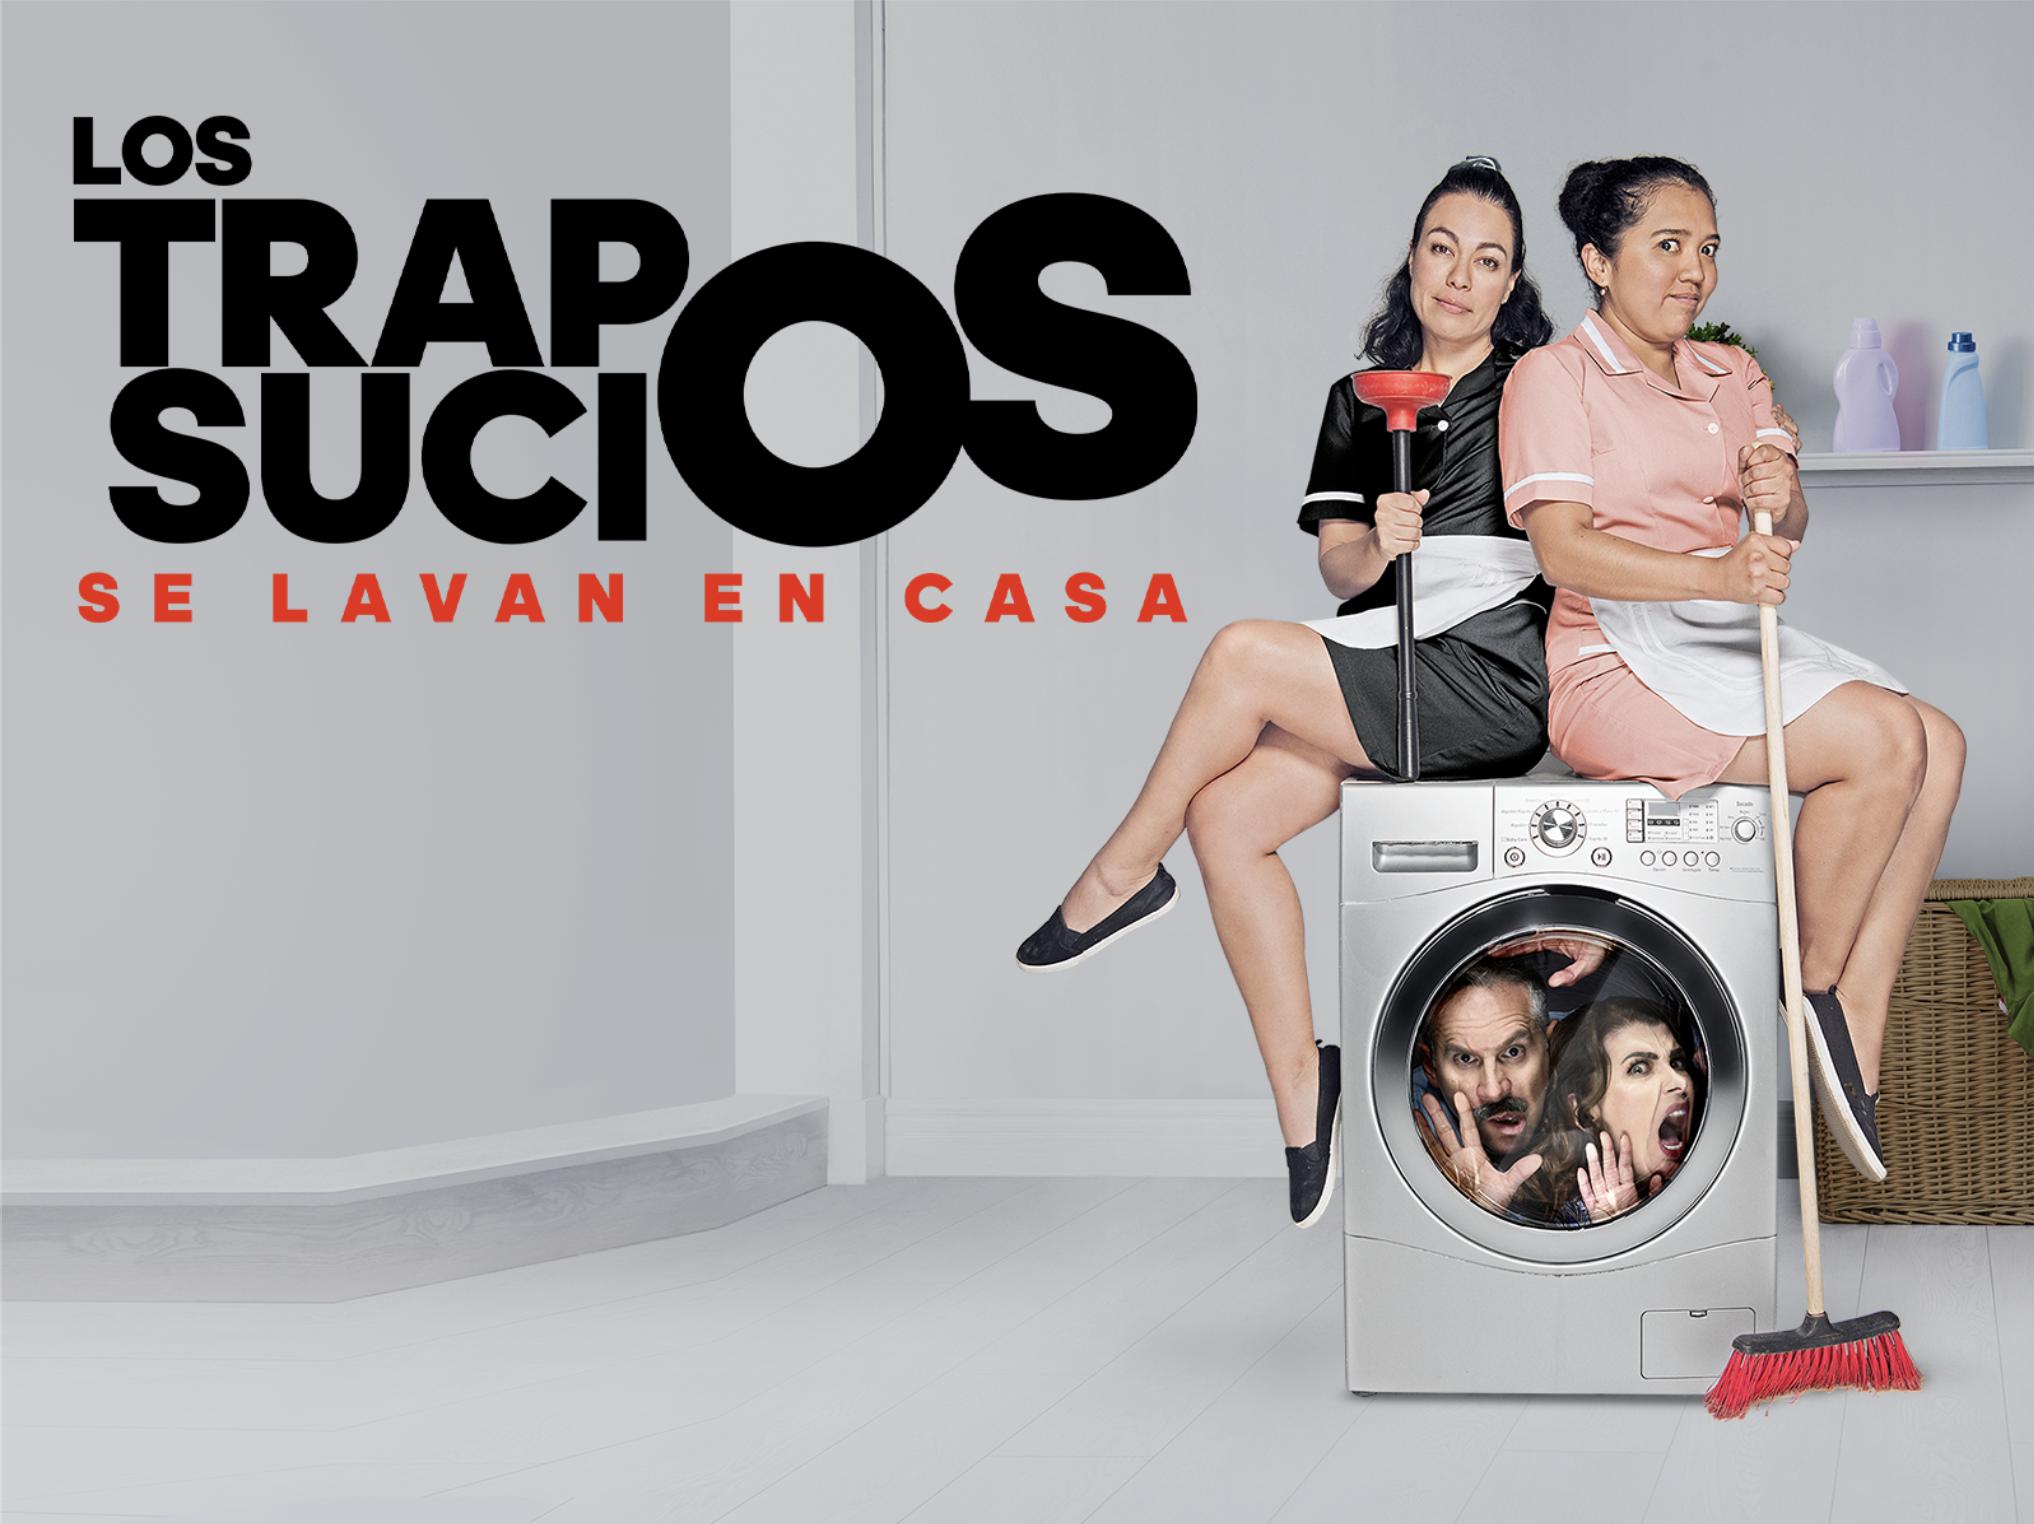 Los Trapos Sucios Se Lavan en Casa, WB, pelicula Mexicana